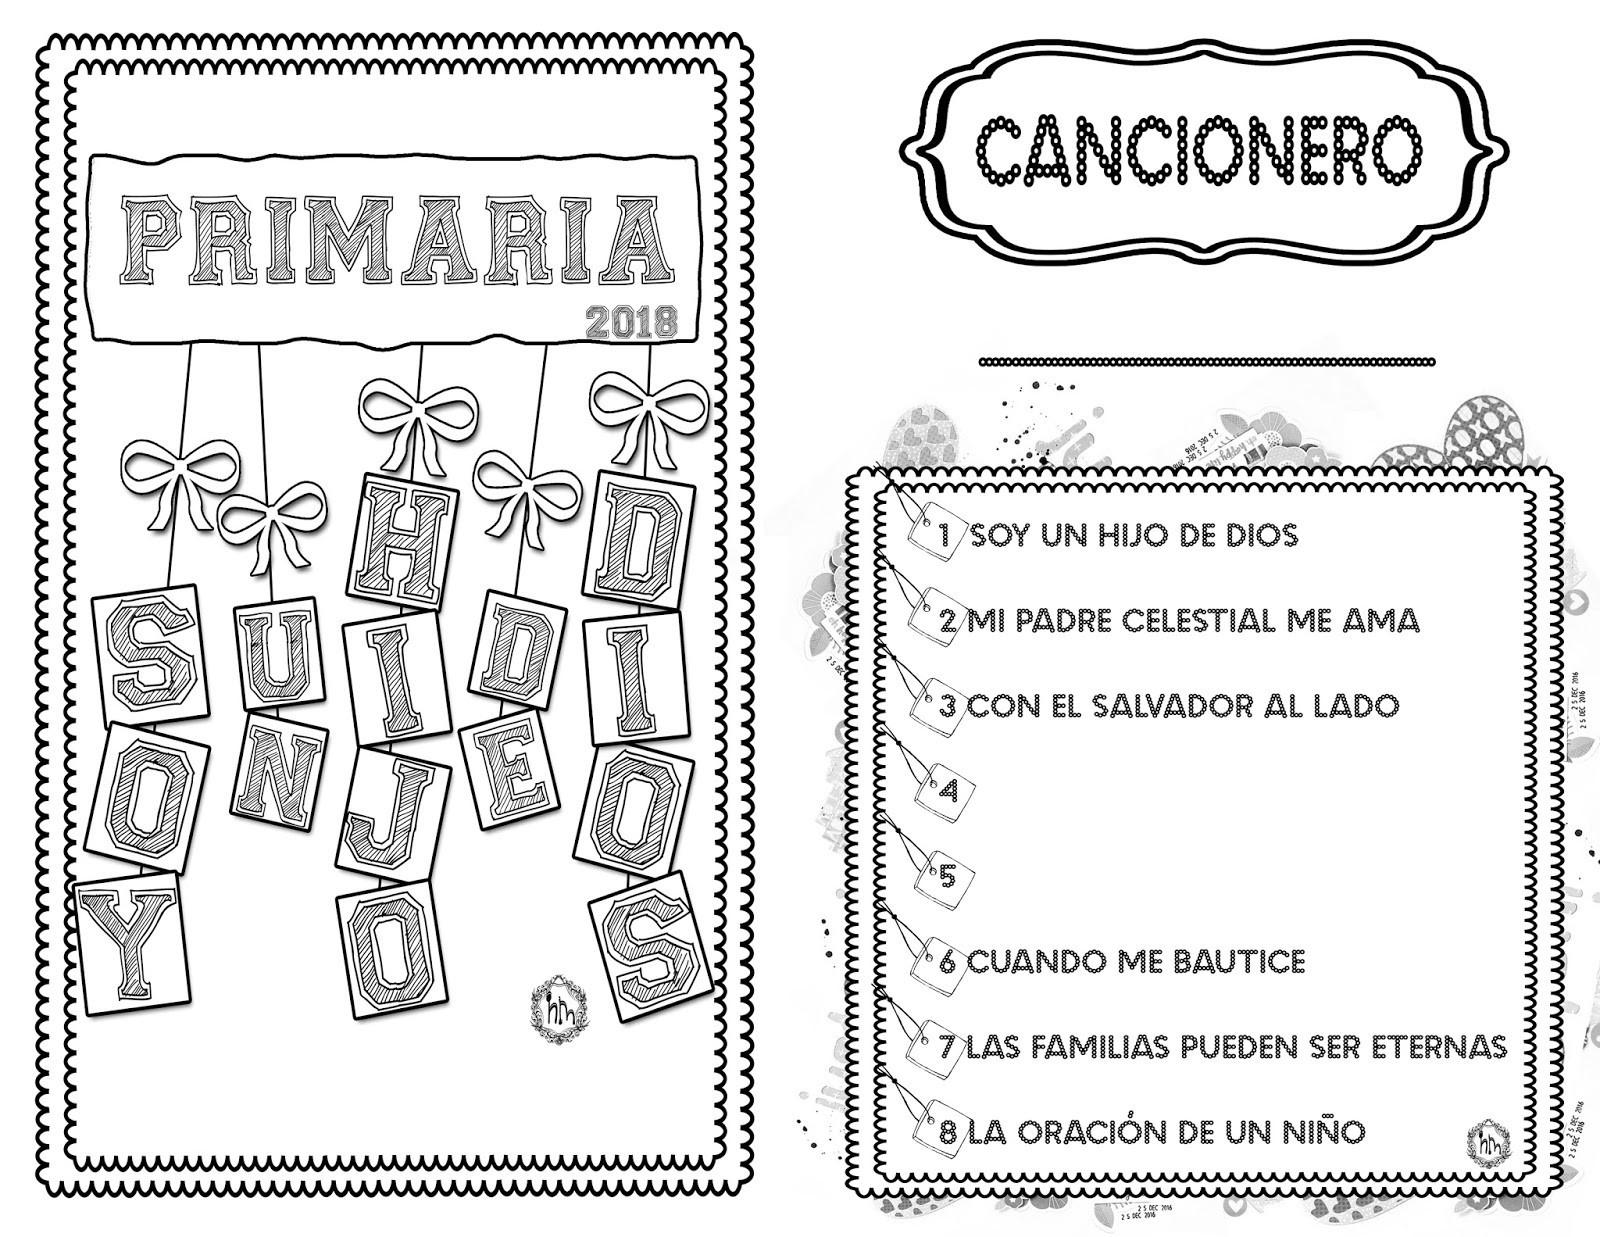 Calendario 2019 Feriados Argentina Para Imprimir Actual Evaluar Imprimir Calendario Del Mes De Junio 2019 Of Calendario 2019 Feriados Argentina Para Imprimir Mejores Y Más Novedosos Es Decir Calendario 2019 Para Imprimir Excel